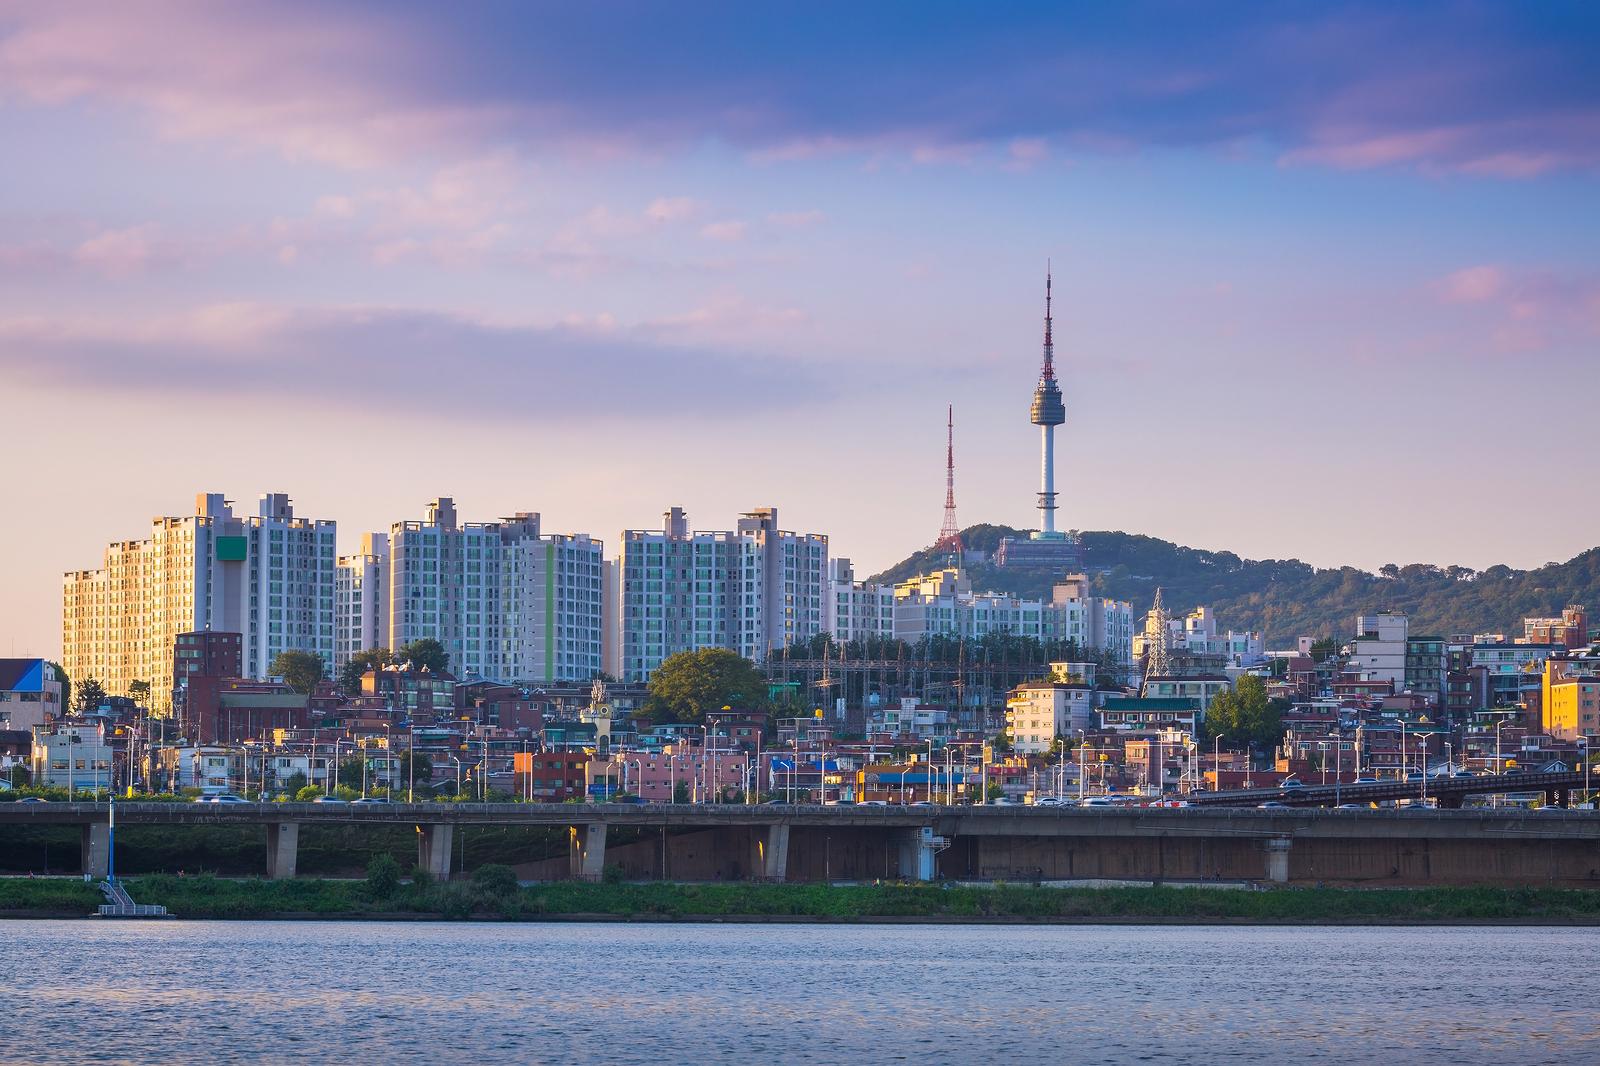 5 South Korean Banks Set To Double Down As Goldman, Citi